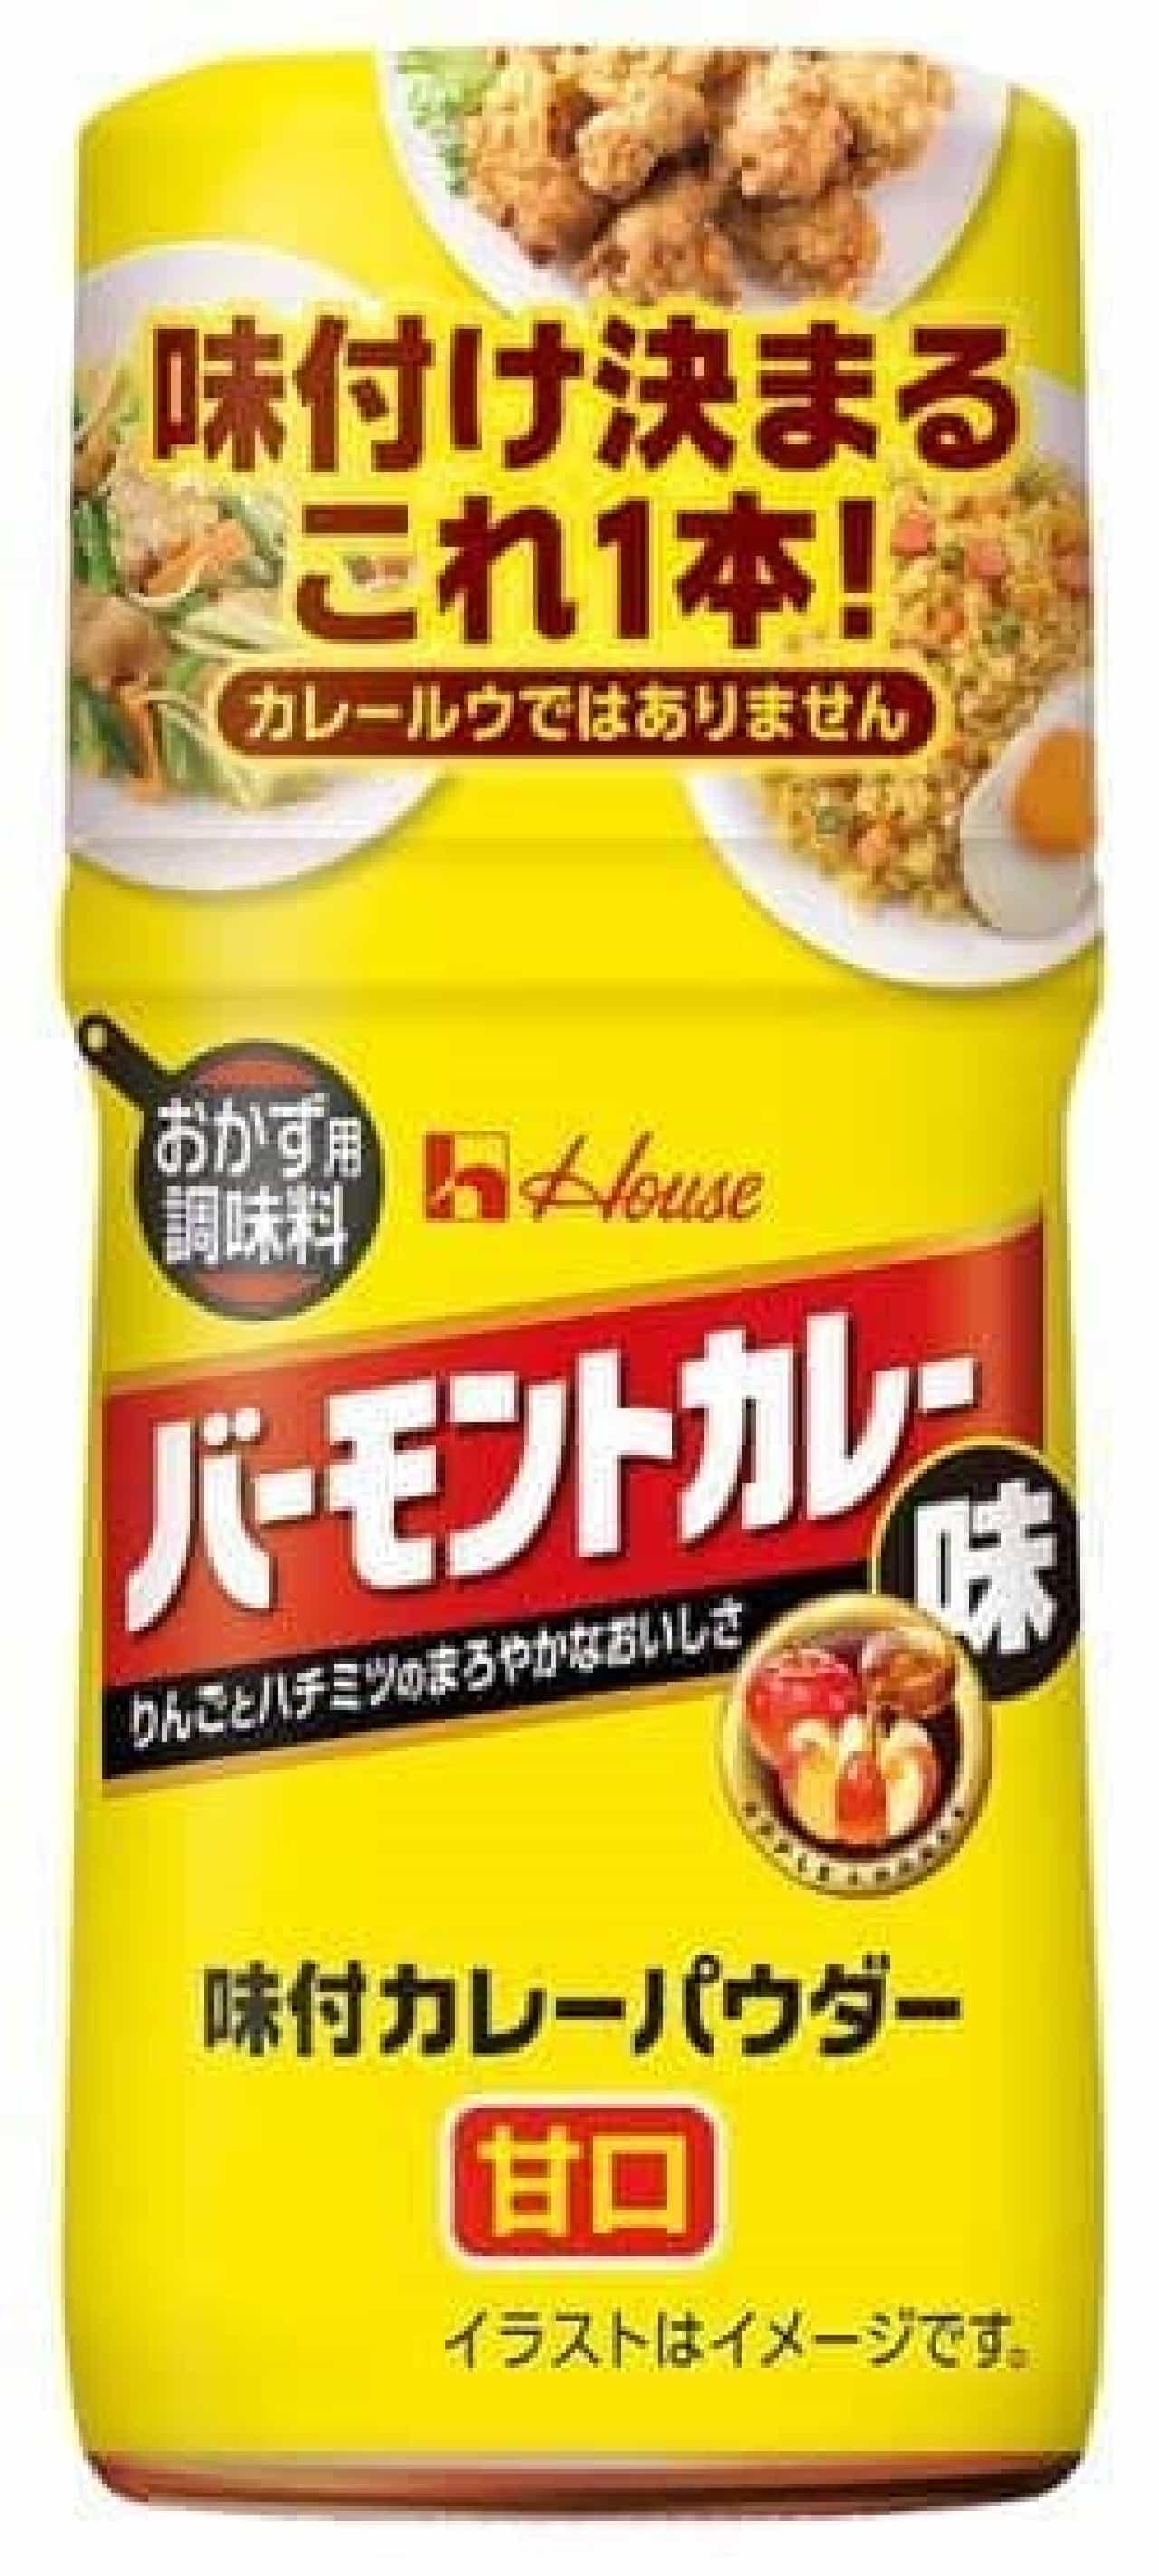 ハウス食品「味付カレーパウダー バーモントカレー味 甘口」